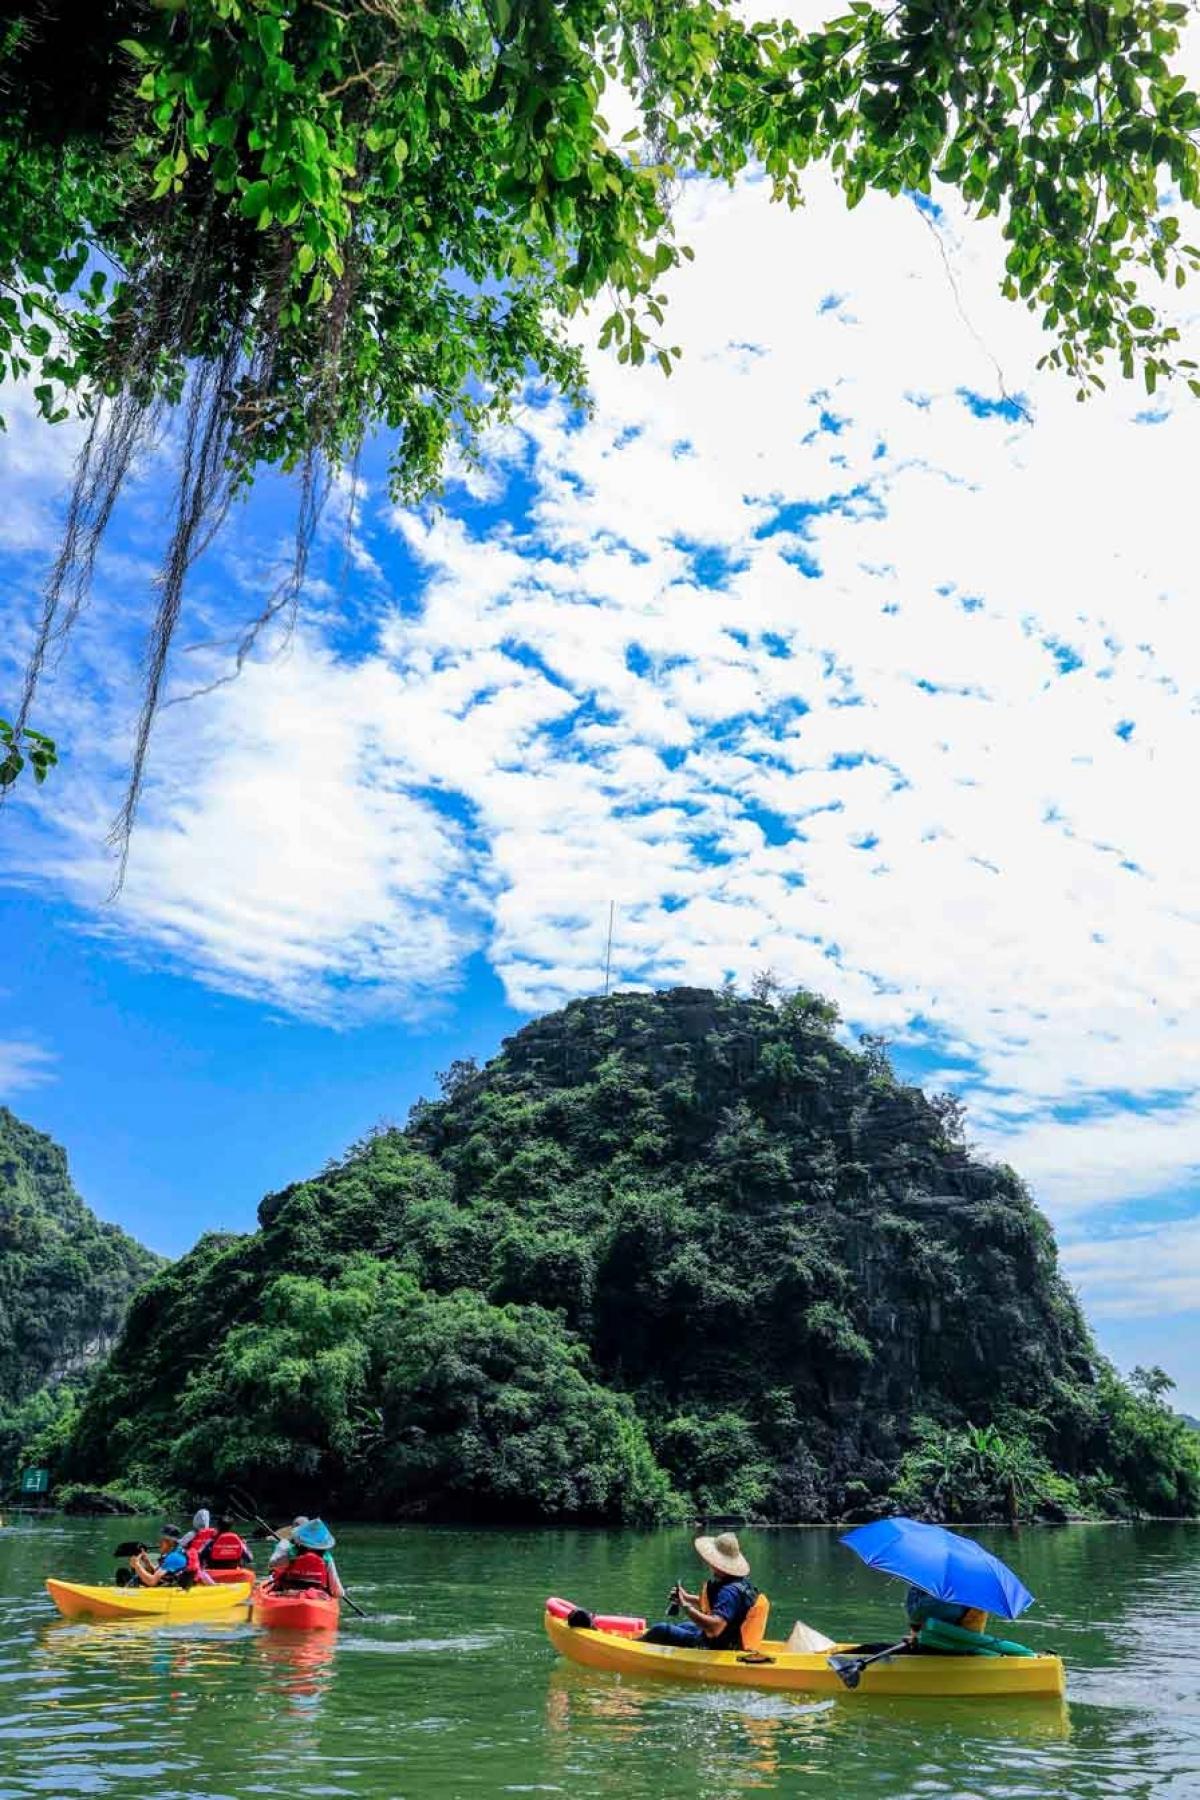 Ninh Binh, Van Long, Cuc Phuong, Trang An, kayak, bear sanctuary